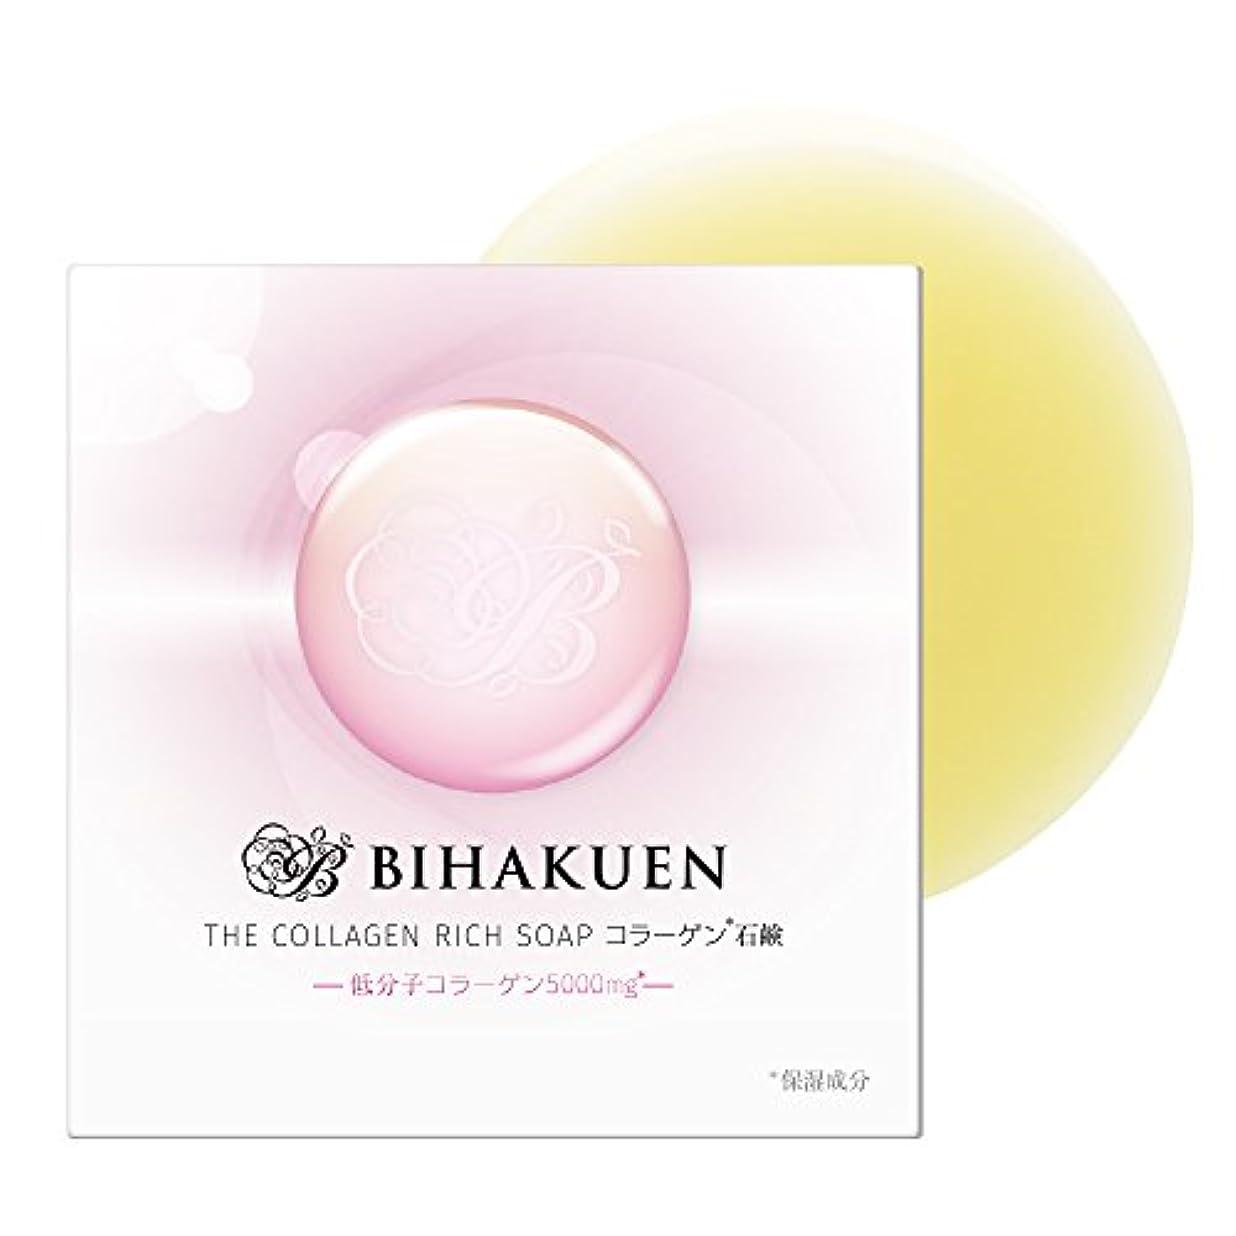 センチメートル取り出す受け入れた(BIHAKUEN)コラーゲン石鹸100g (1個)